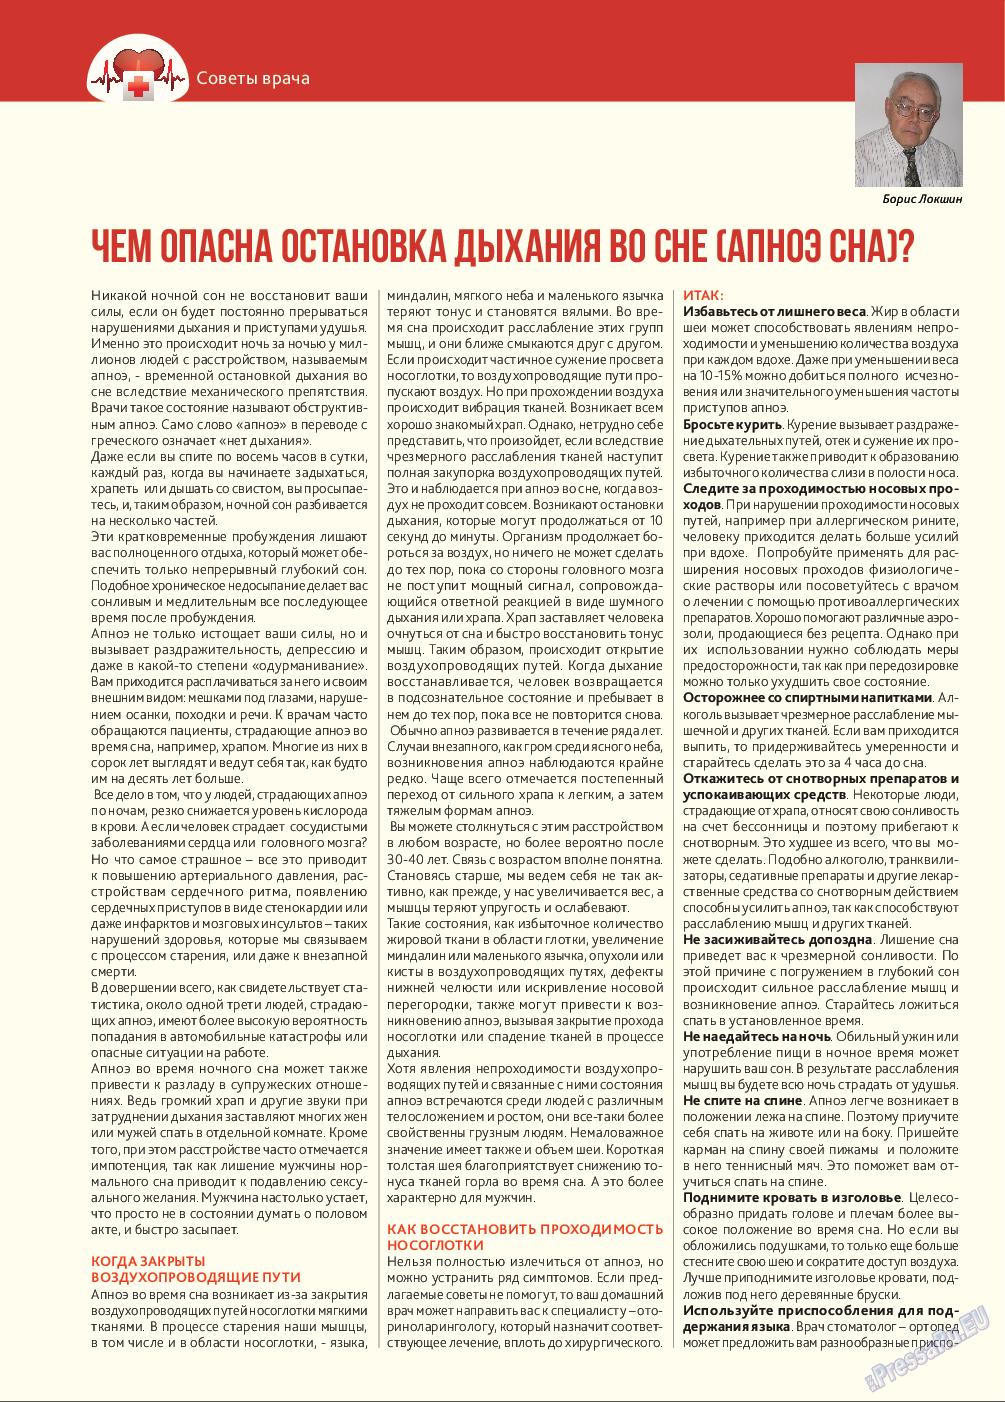 Афиша Augsburg (журнал). 2017 год, номер 11, стр. 8